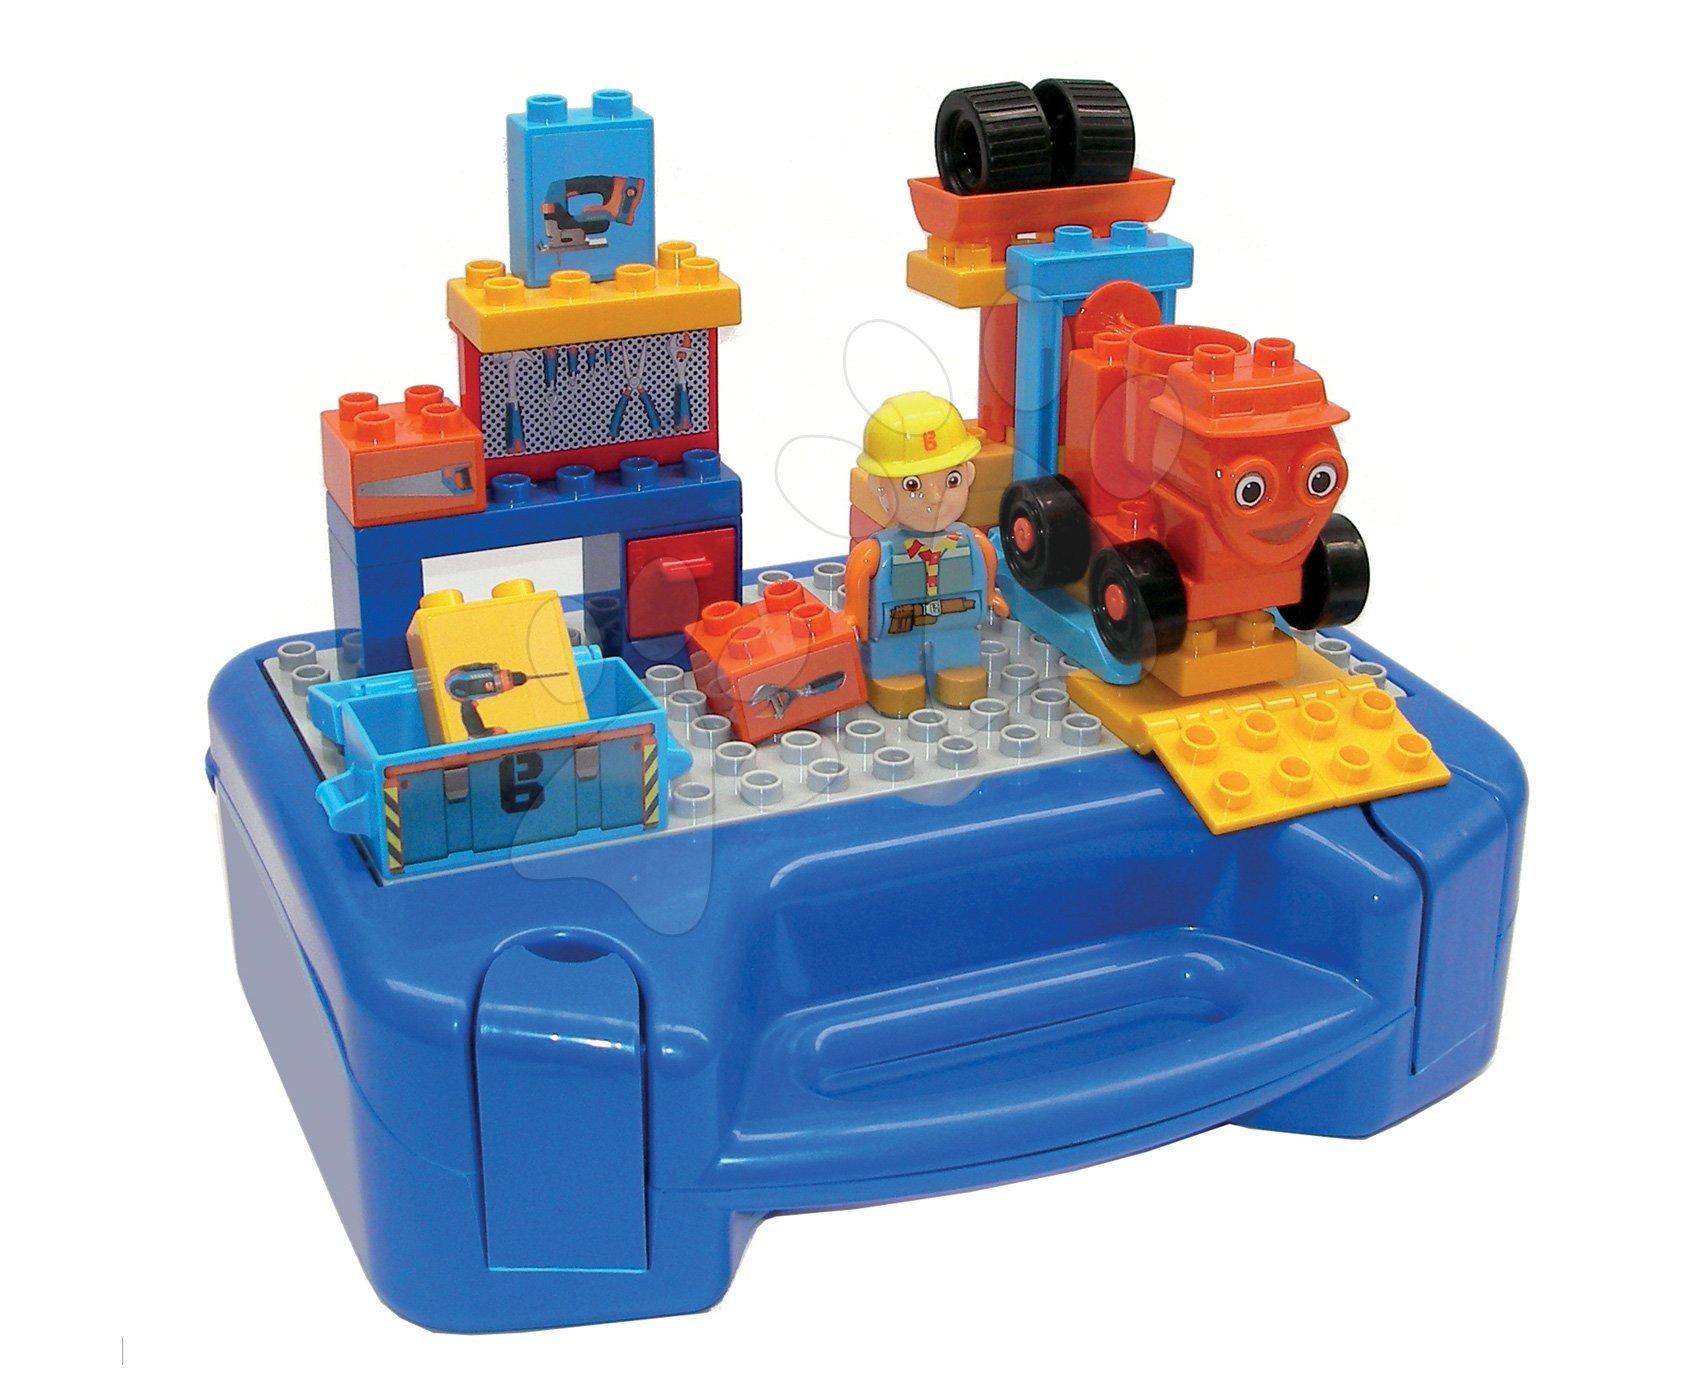 Stavebnice Kufřík s pracovním nářadím v dílně Bob the Builder PlayBIG BLOXX s figurkou a autíčkem 35 dílů od 24 měsíců